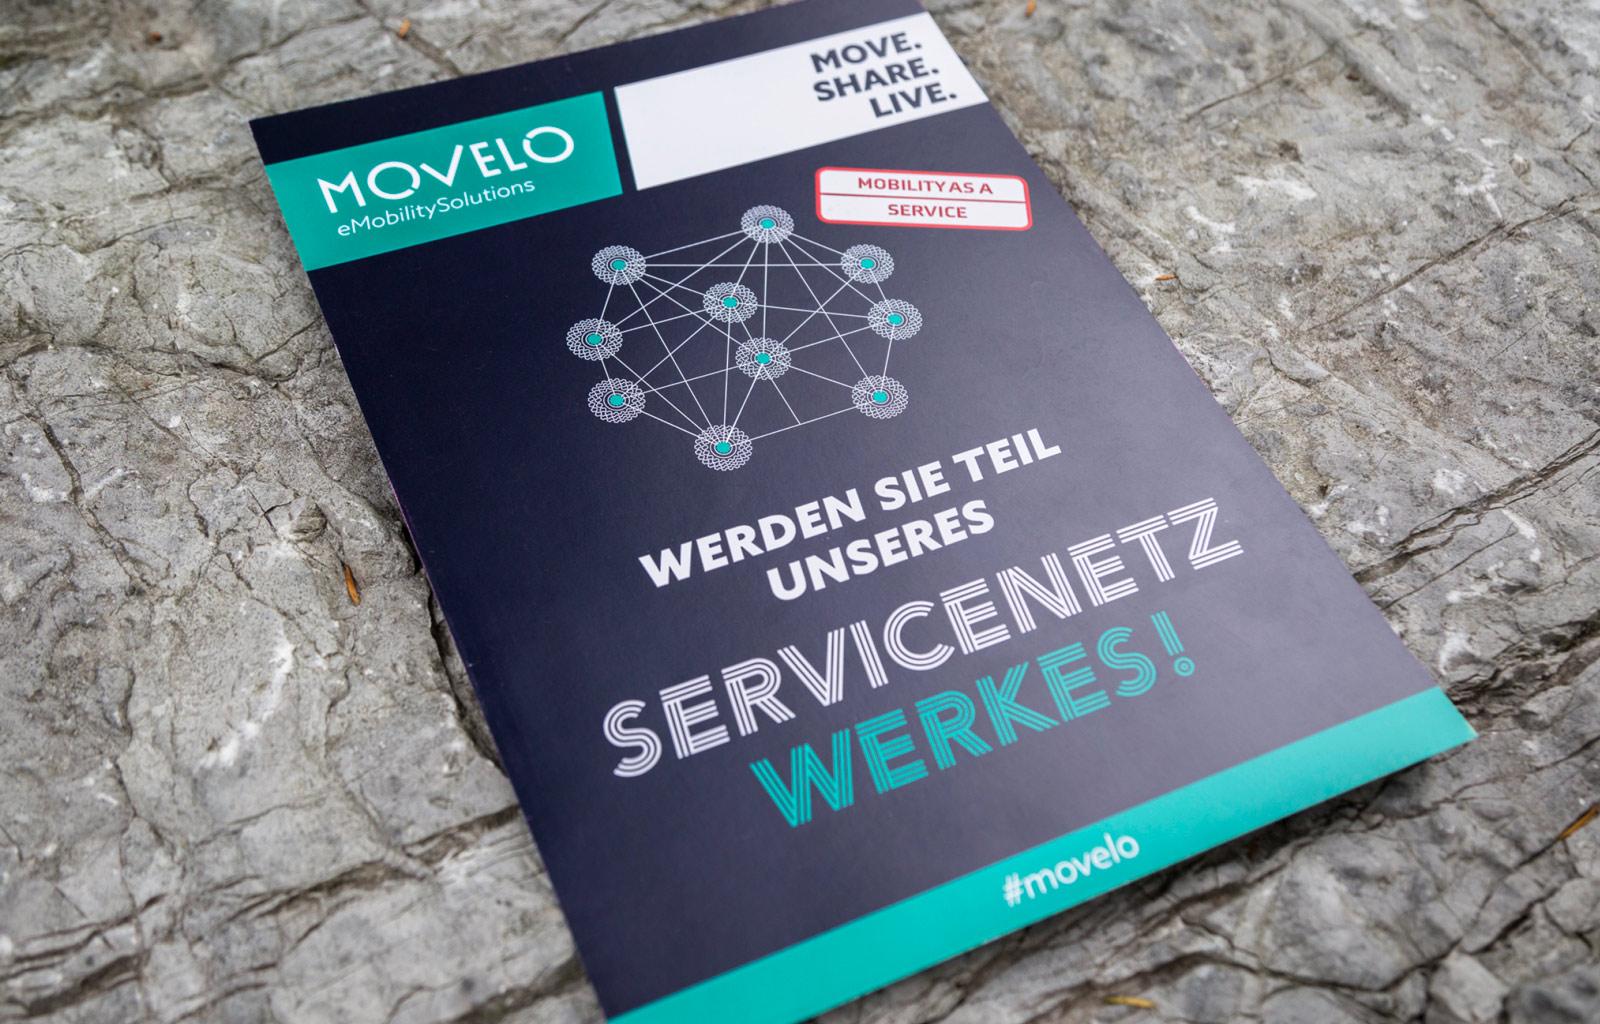 Mov Flyer Service